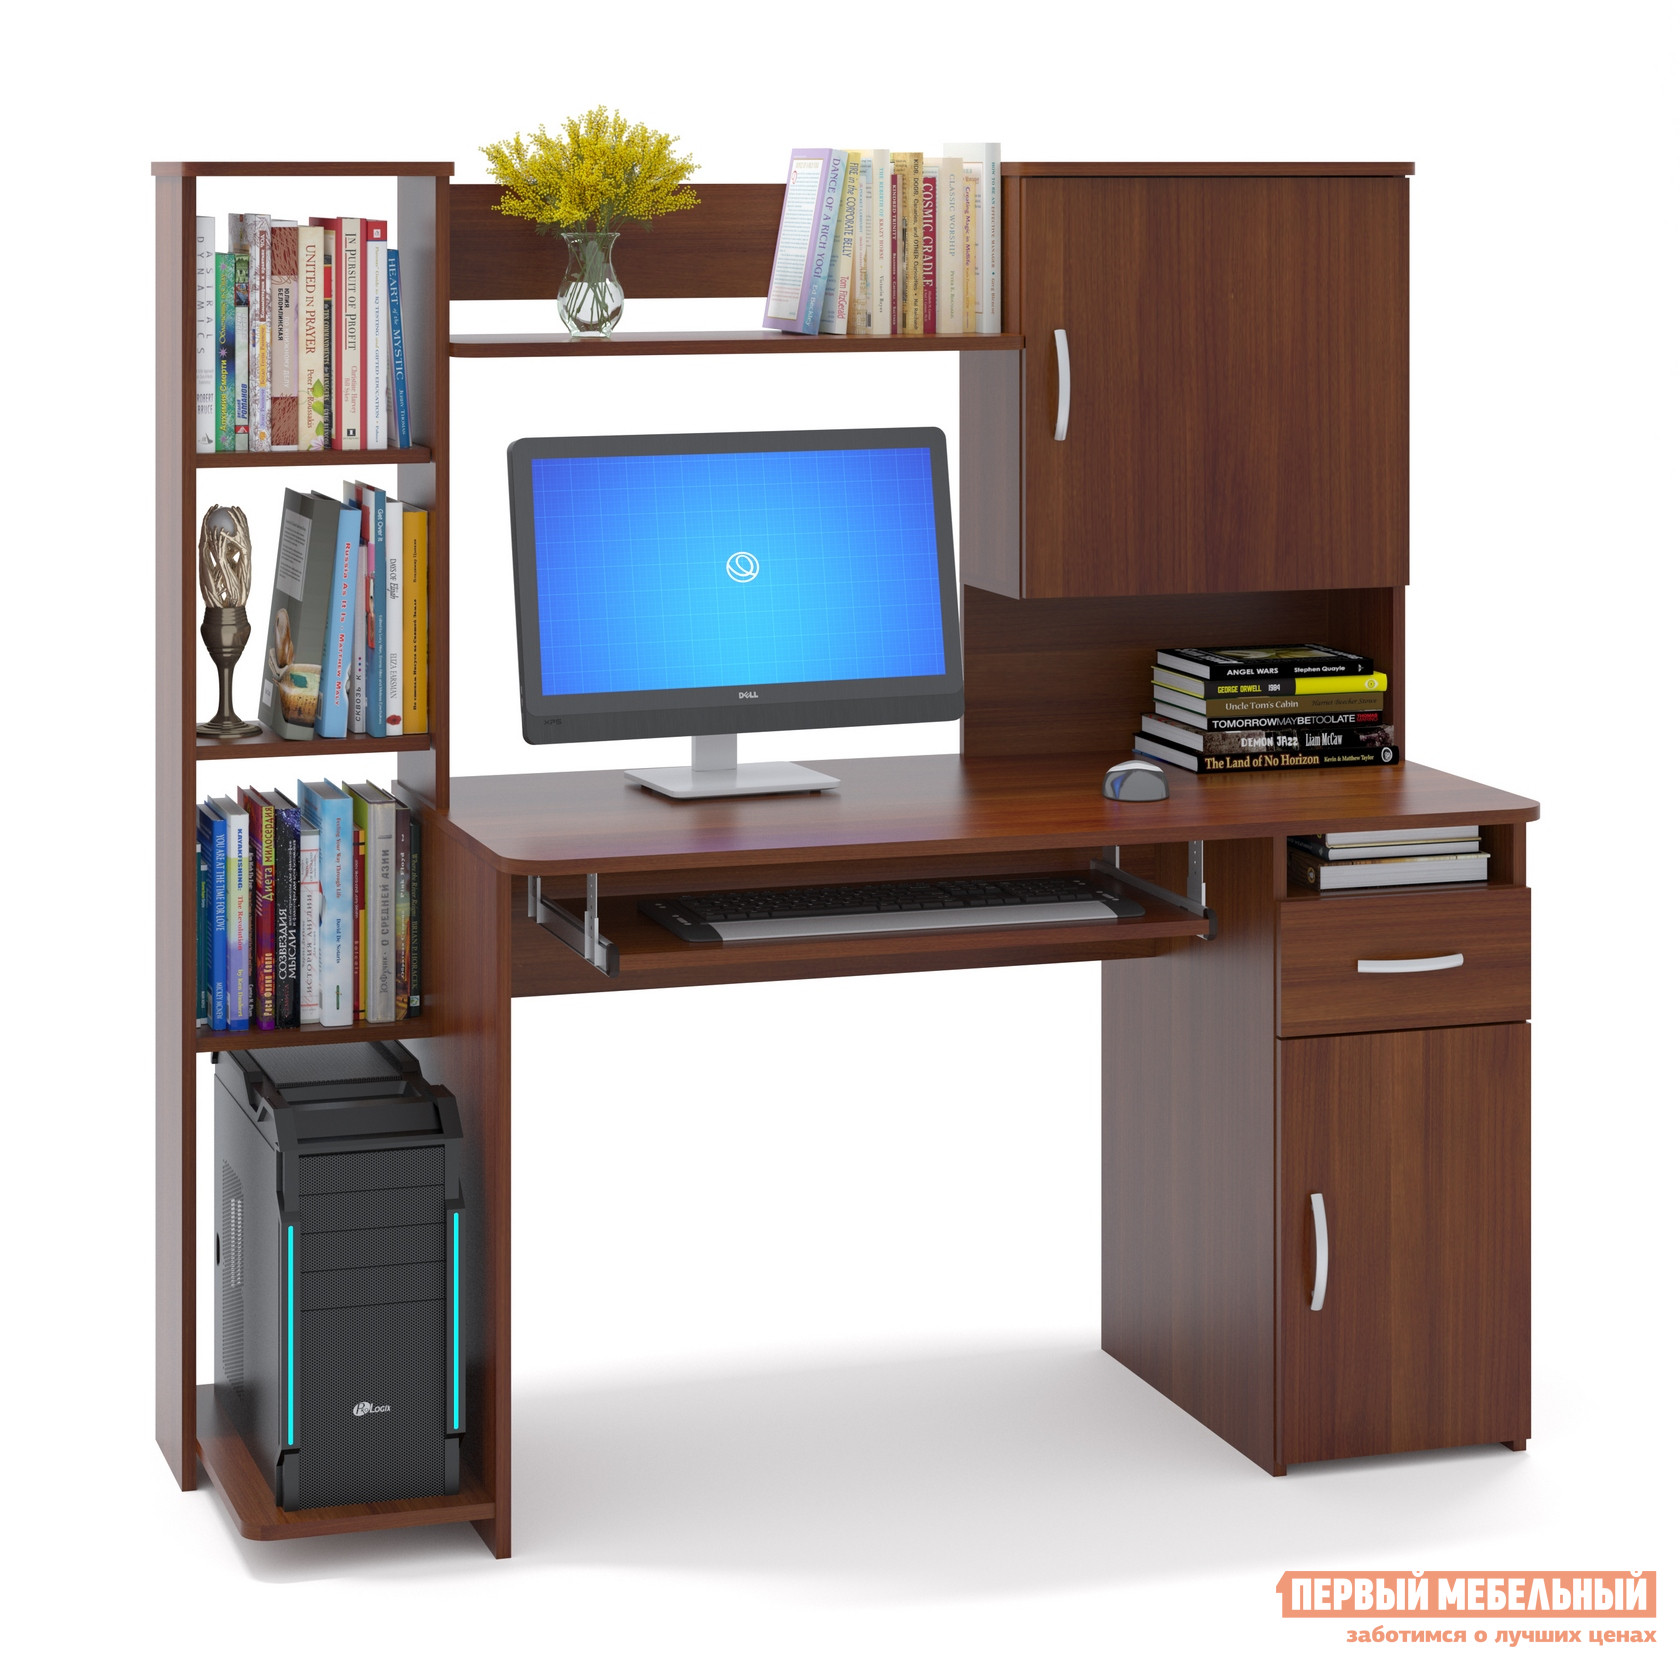 """Компьютерный стол Сокол КСТ-11.1 Испанский орехКомпьютерные столы<br>Габаритные размеры ВхШхГ 1444x1486x600 мм. Удобный компьютерный стол с большим количеством полок.  Такое решение прекрасно подойдет для организации места для учебы.  В боковом стеллаже на нижней полке можно удобно разместить системный блок.  За распашными дверками также находятся полки.  Стол оборудован выдвижным ящиком и полкой для клавиатуры, которую можно не устанавливать, если вы планируете работать за ноутбуком. Высота полки под системный блок – 404 мм, Проем под монитор — 442 х 688 мм (под монитор 20""""). Изделие универсальное при сборке - блок со стеллажом и блок с закрытыми полками можно расположить с любой стороны. Столешница изготовлена из ЛДСП отечественного производства толщиной 16 мм, отделана кромкой ПВХ 2 мм.  Рекомендуем сохранить инструкцию по сборке (паспорт изделия) до истечения гарантийного срока.<br><br>Цвет: Красное дерево<br>Высота мм: 1444<br>Ширина мм: 1486<br>Глубина мм: 600<br>Кол-во упаковок: 2<br>Форма поставки: В разобранном виде<br>Срок гарантии: 2 года<br>Тип: Прямые<br>Материал: Дерево<br>Материал: ЛДСП<br>Размер: Большие<br>С надстройкой: Да<br>С тумбой: Да<br>С полками: Да"""